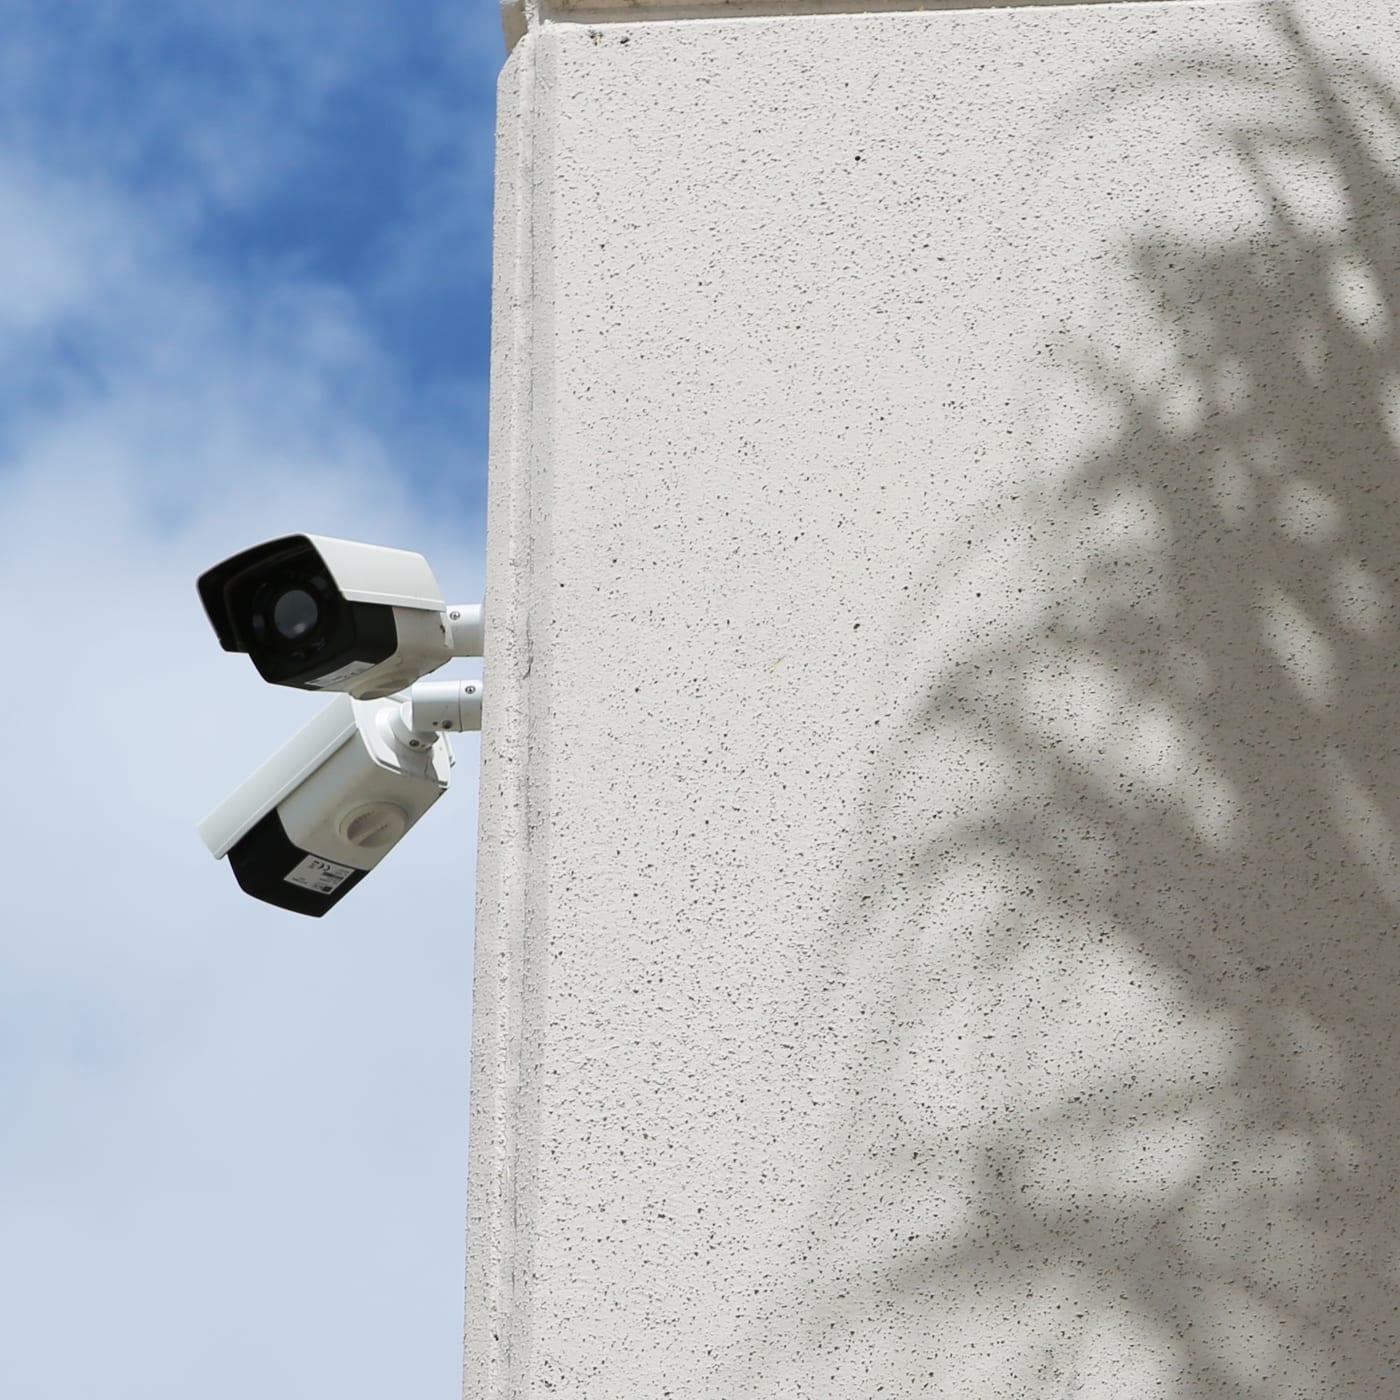 Security cameras at Jupiter Park Self Storage in Jupiter, Florida